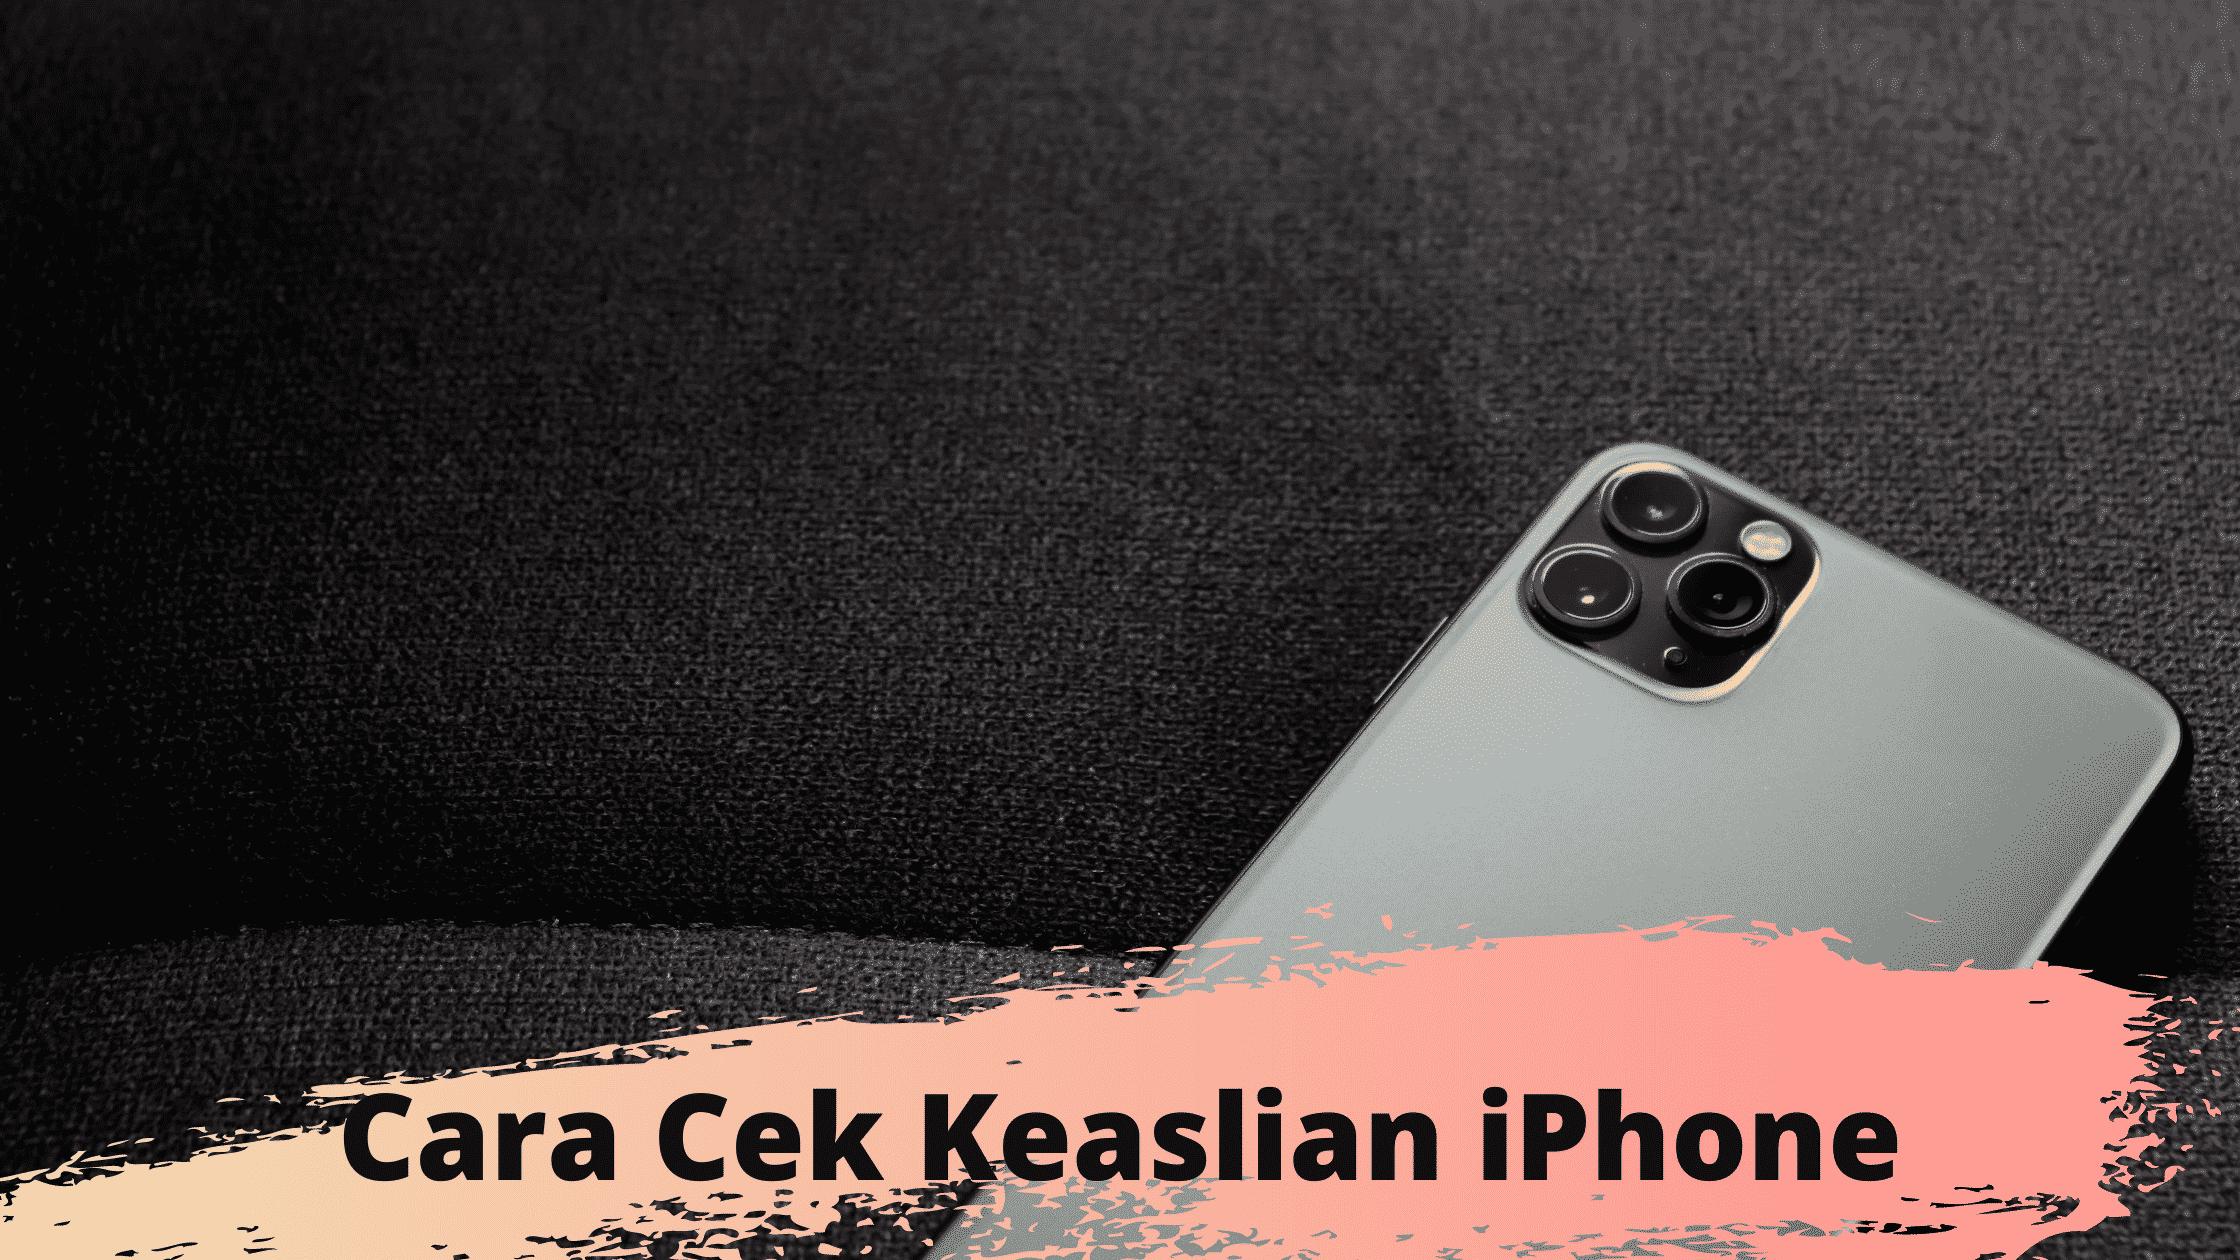 Cara Cek Keaslian iPhone